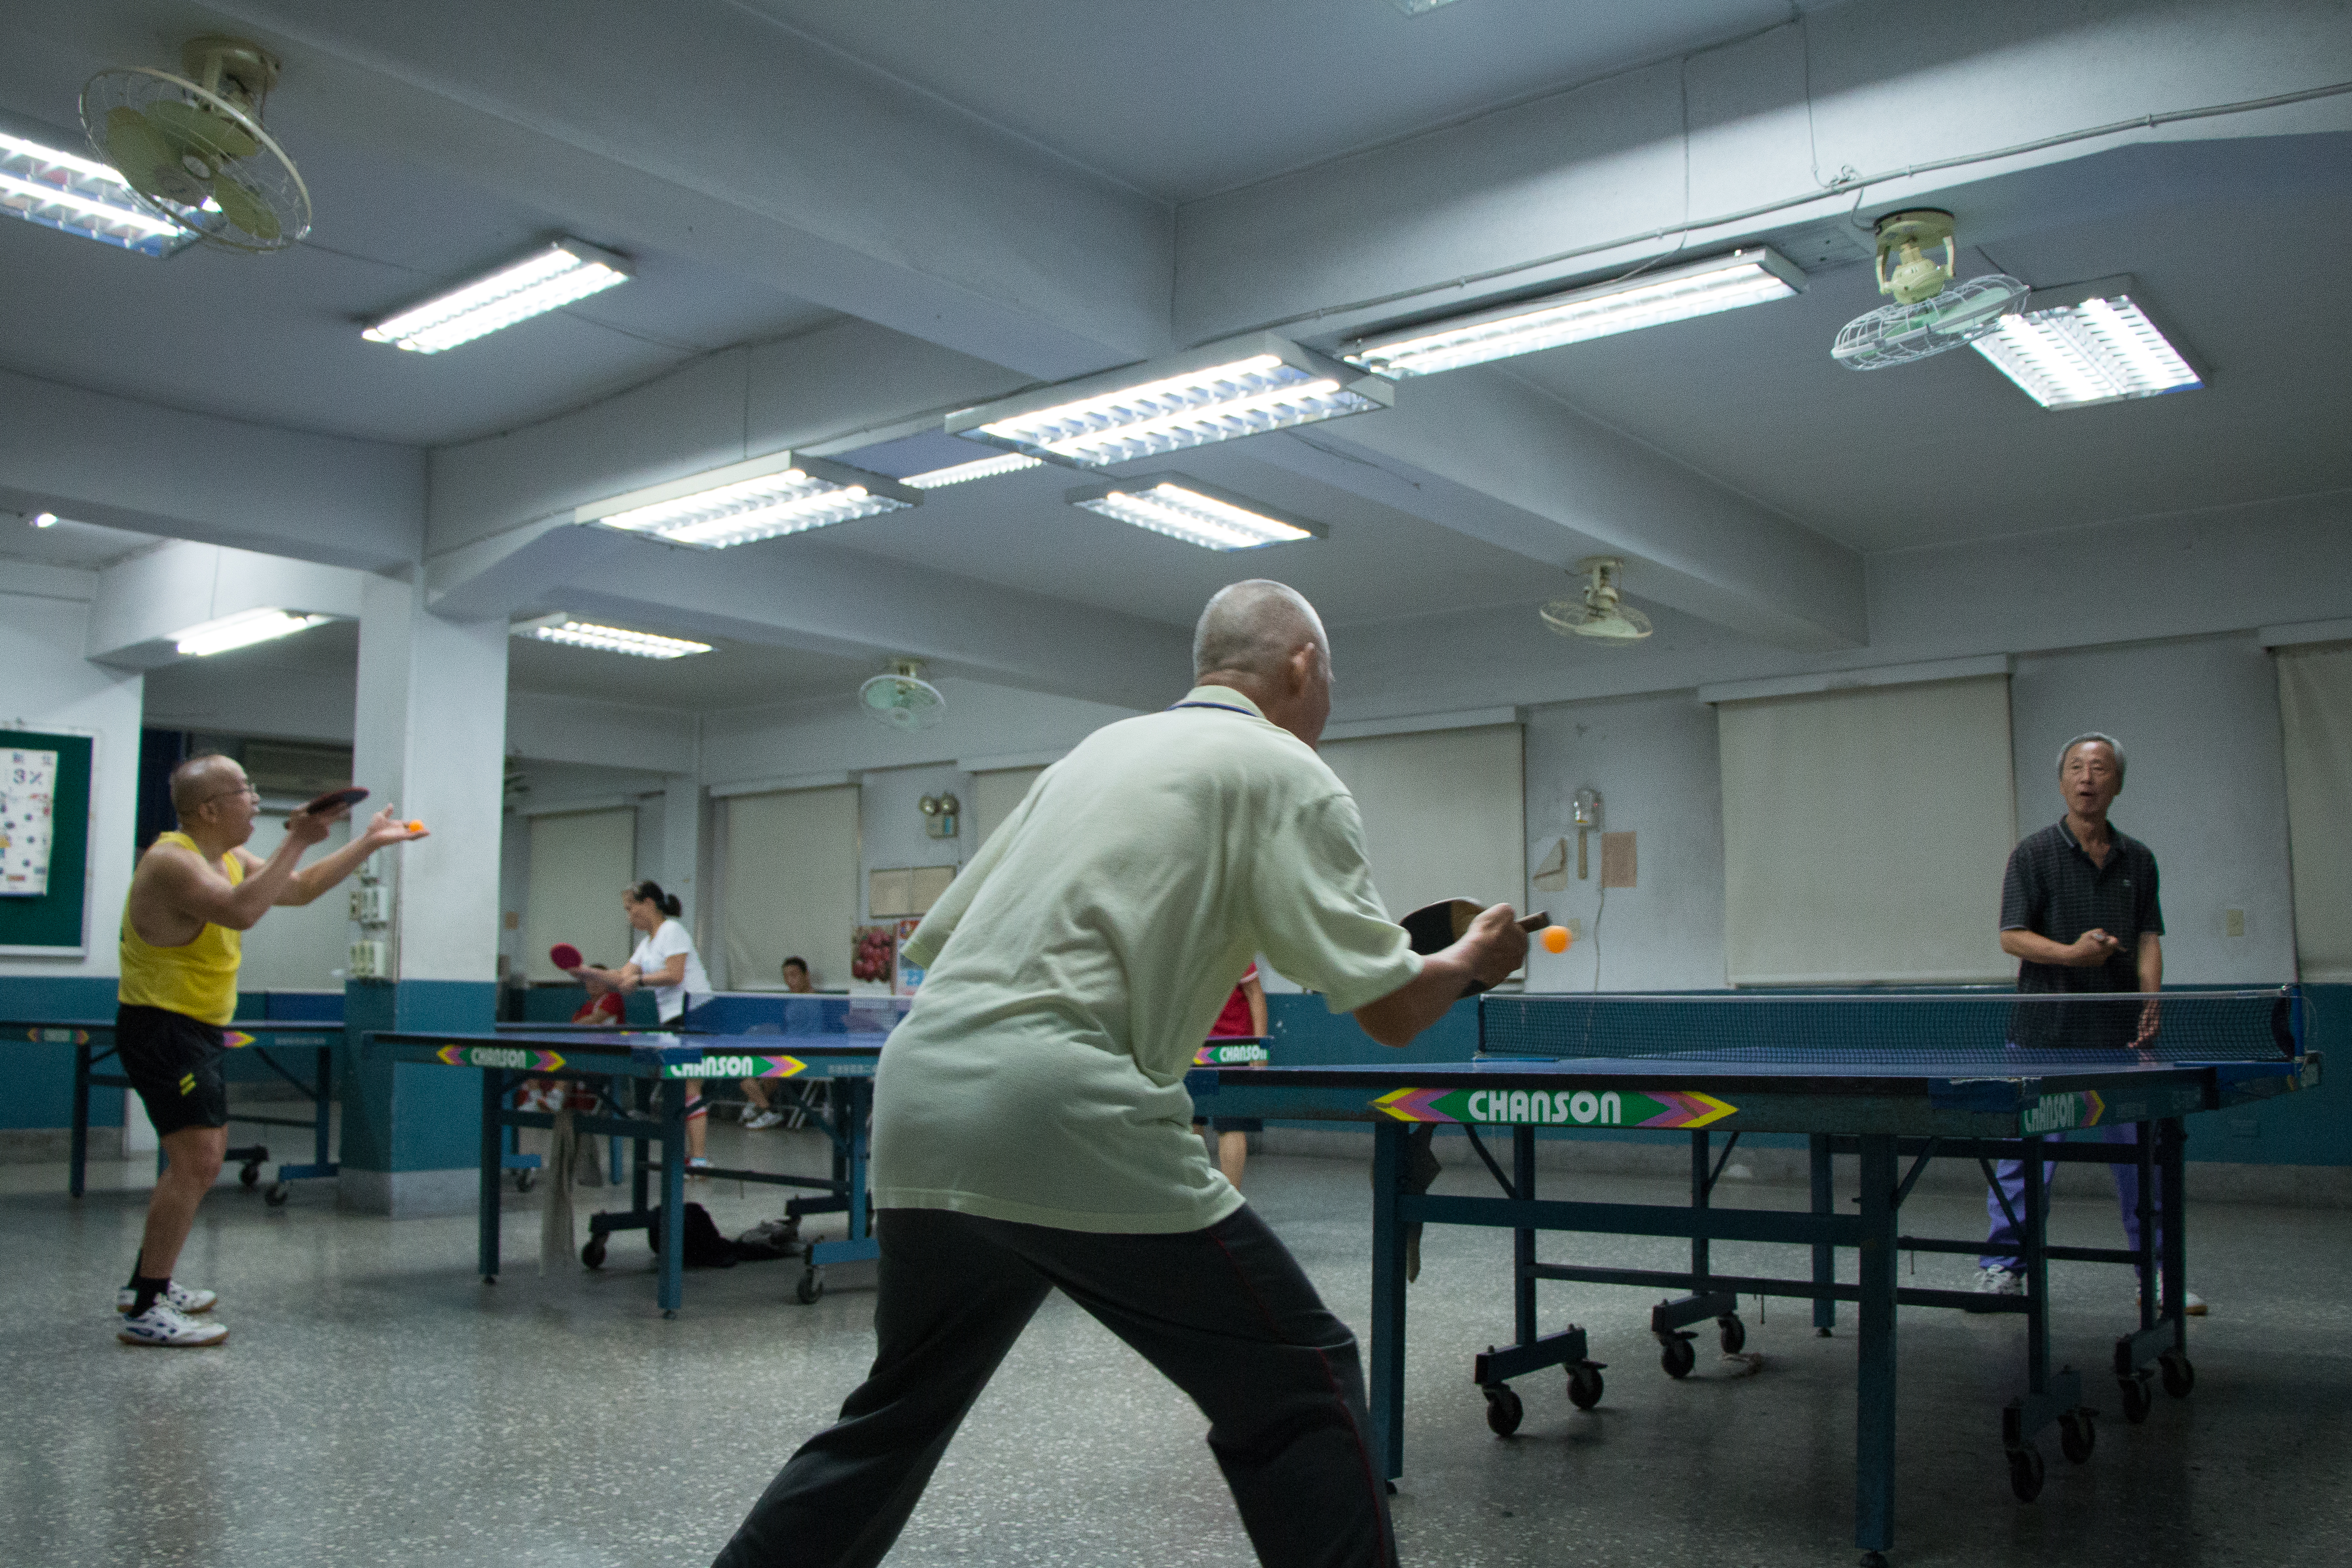 百忍里桌球隊成立二十餘年,除平時休閒外,參加比賽更是獲獎無數。攝影/李振均